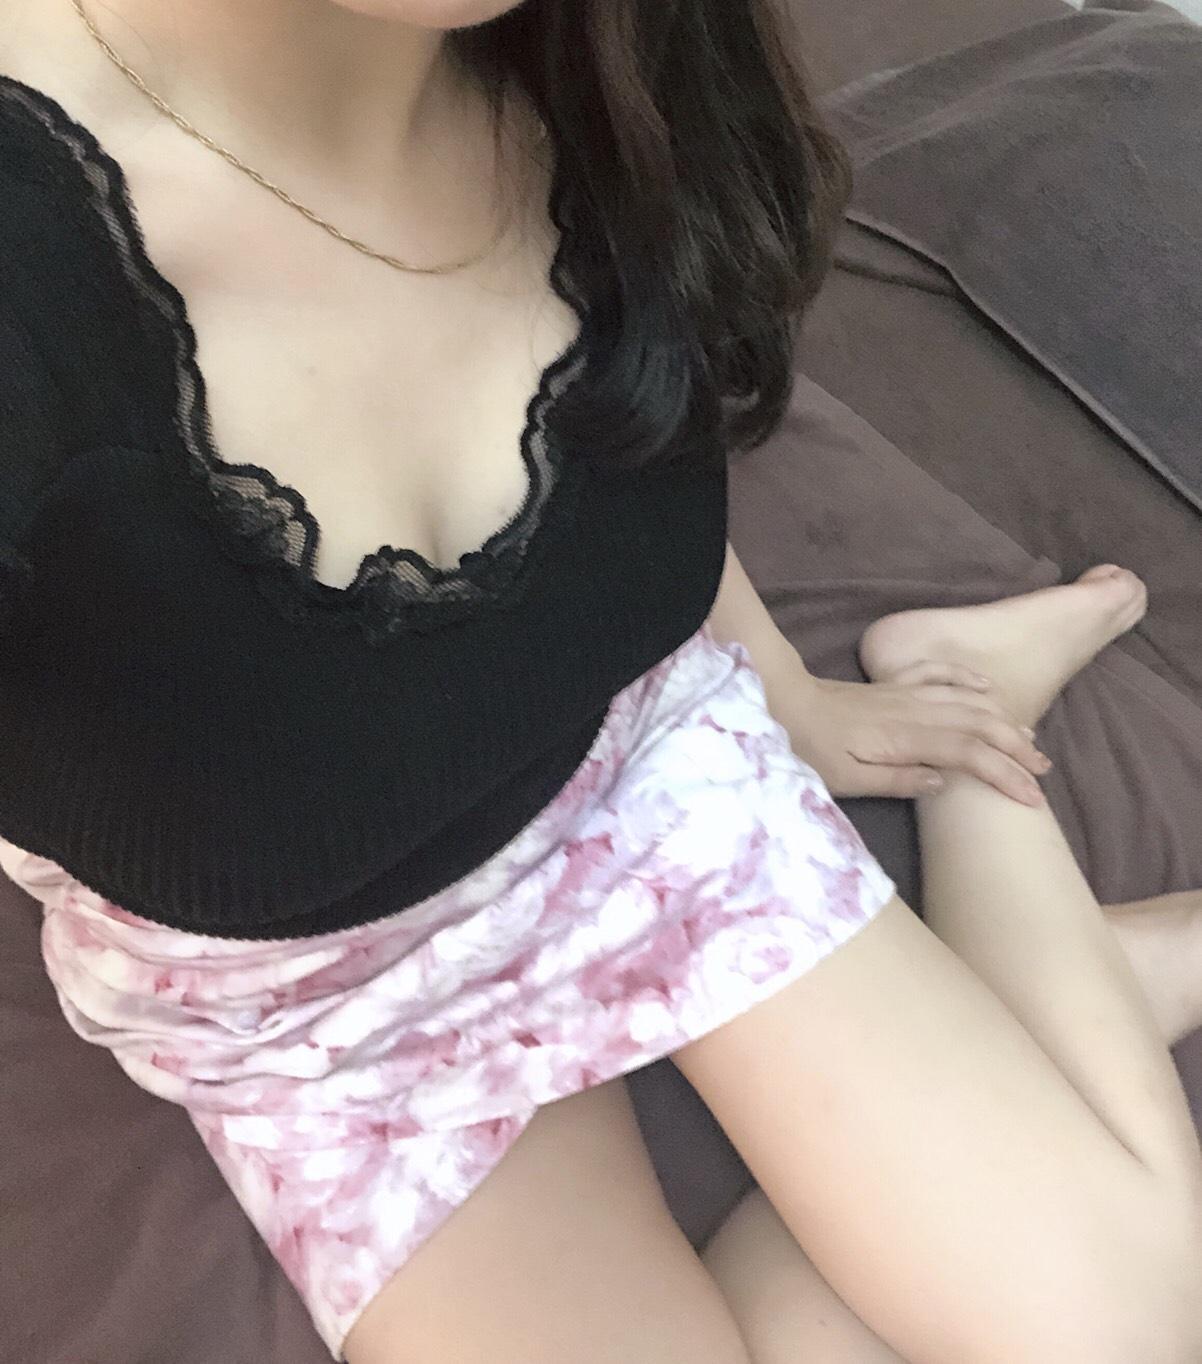 fc2blog_20180820025051e82.jpg